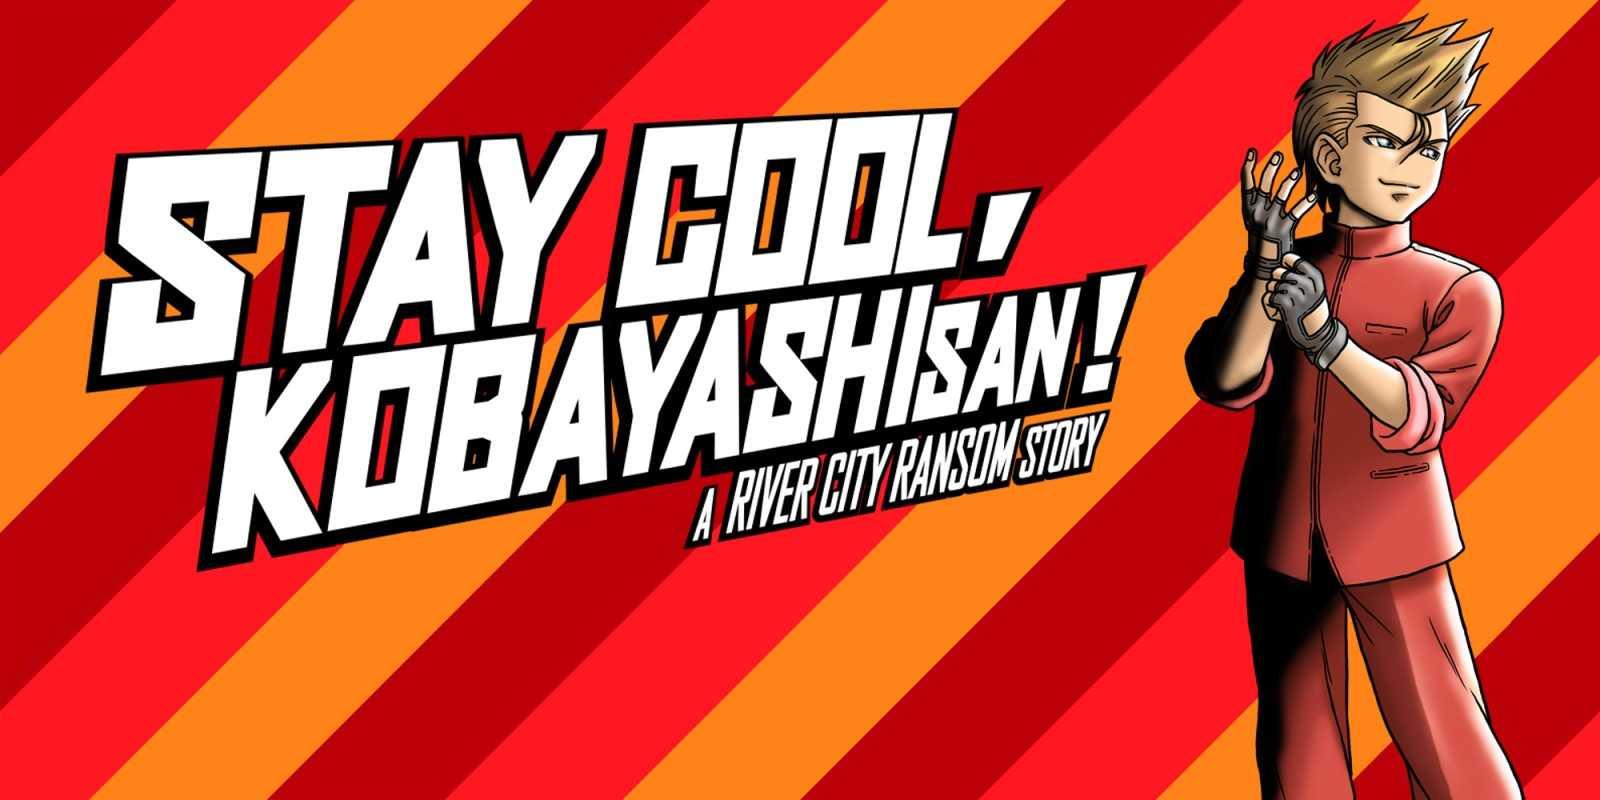 stay-cool-kobayashi-san-a-river-city-ransom-story